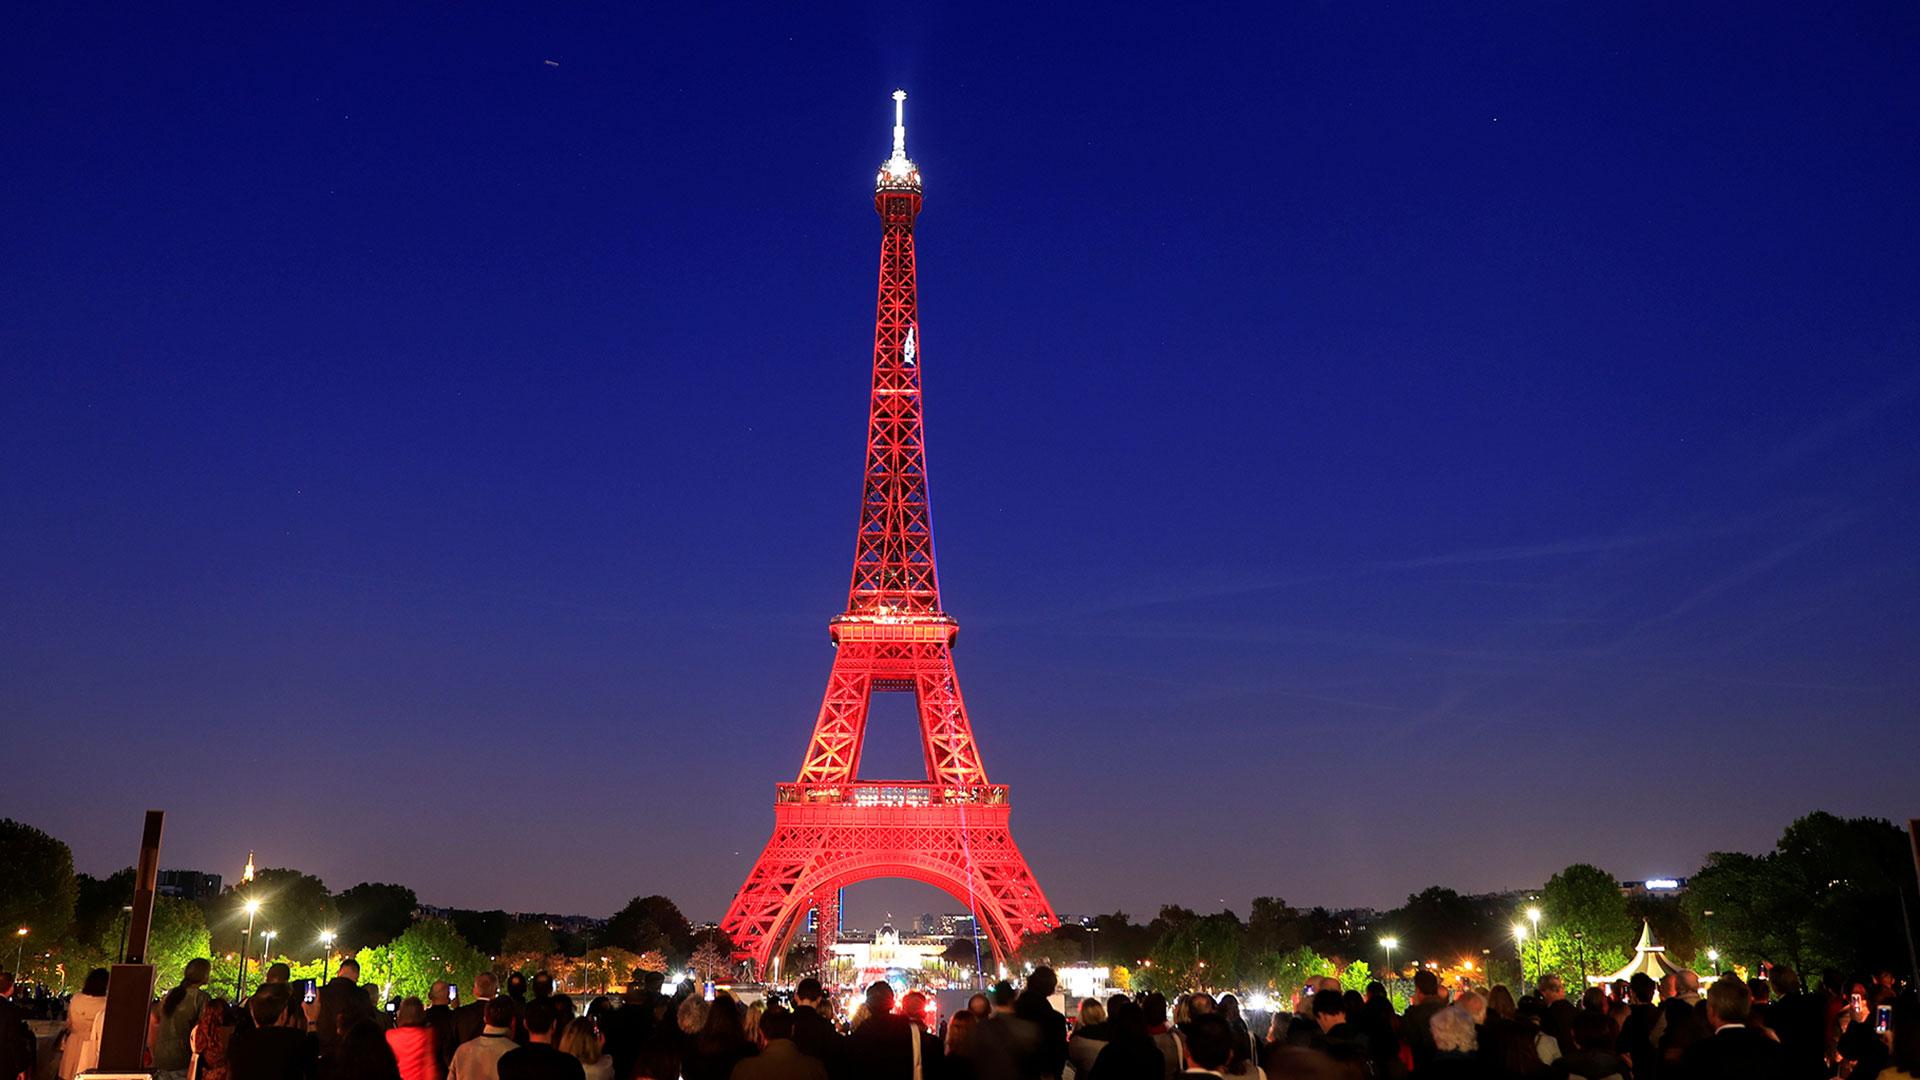 Este 14 de Febrero la Torre Eiffel proyectará mensajes de amor